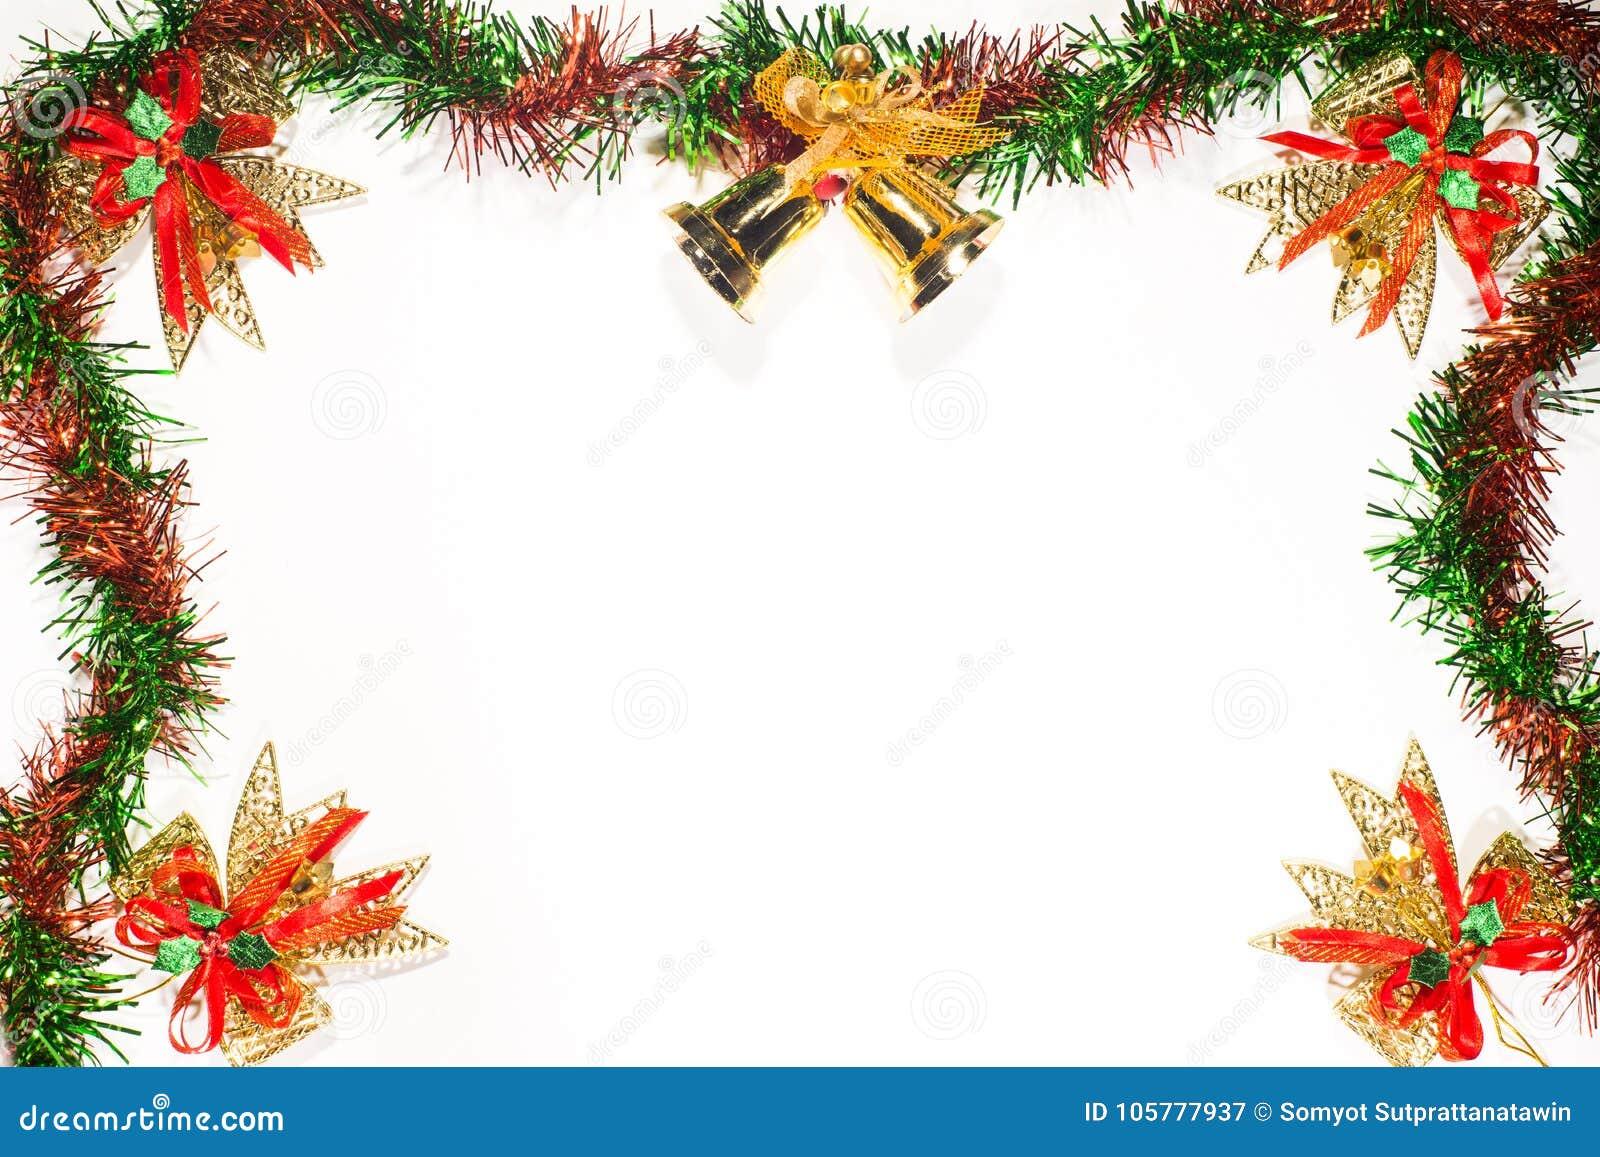 christmas and happy new year ribbon border